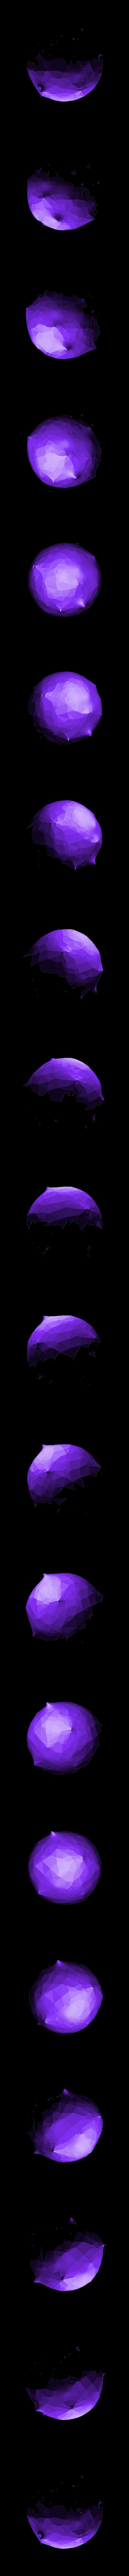 Sun_With_Plasma_Storm (LQ).stl Télécharger fichier STL gratuit Soleil (avec tempêtes de plasma) • Objet imprimable en 3D, szadros